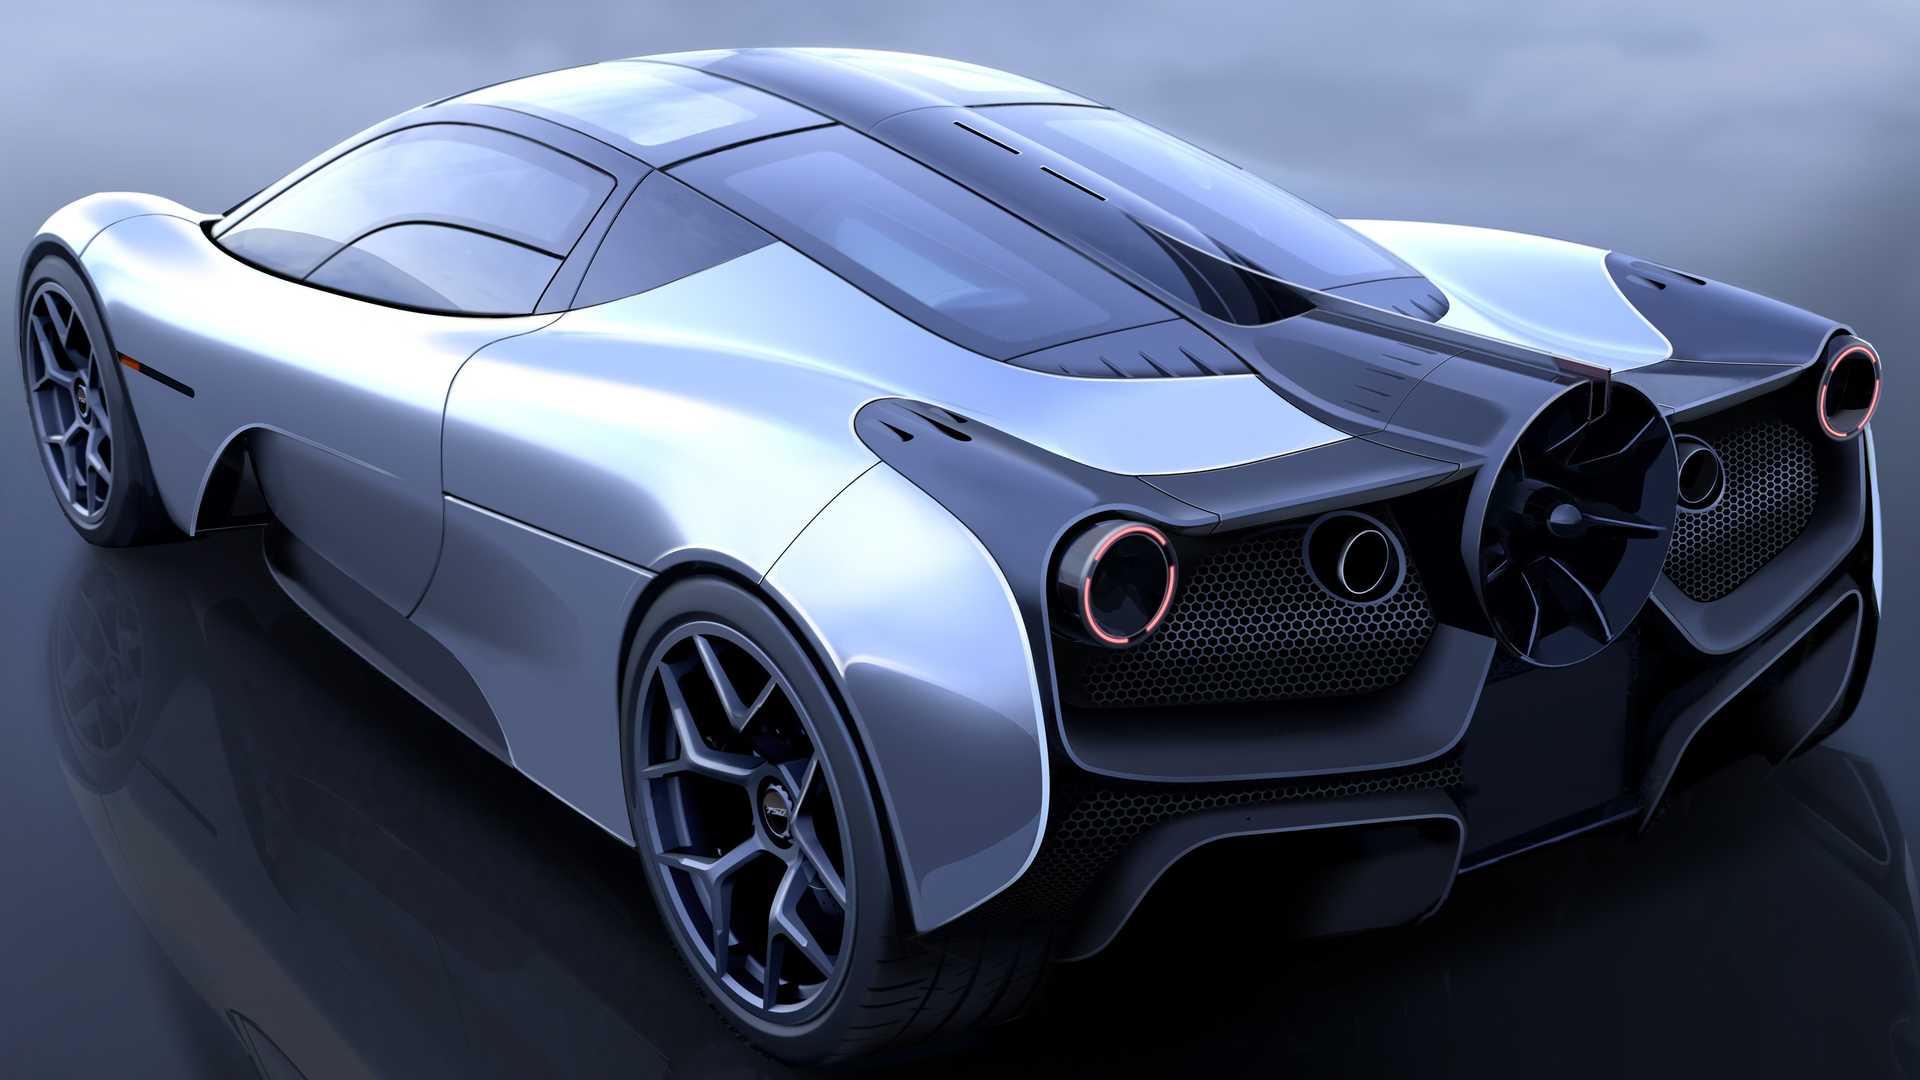 Несколько месяцев назад создатель McLaren F1 Гордон Мюррей объявил о своём намерении выпустить «истинного» наследника легендарного суперкара. Были опубликованы эскизы и схемы будущей новинки, позднее – объявлены её основные характеристики, а теперь появилось первое изображение.